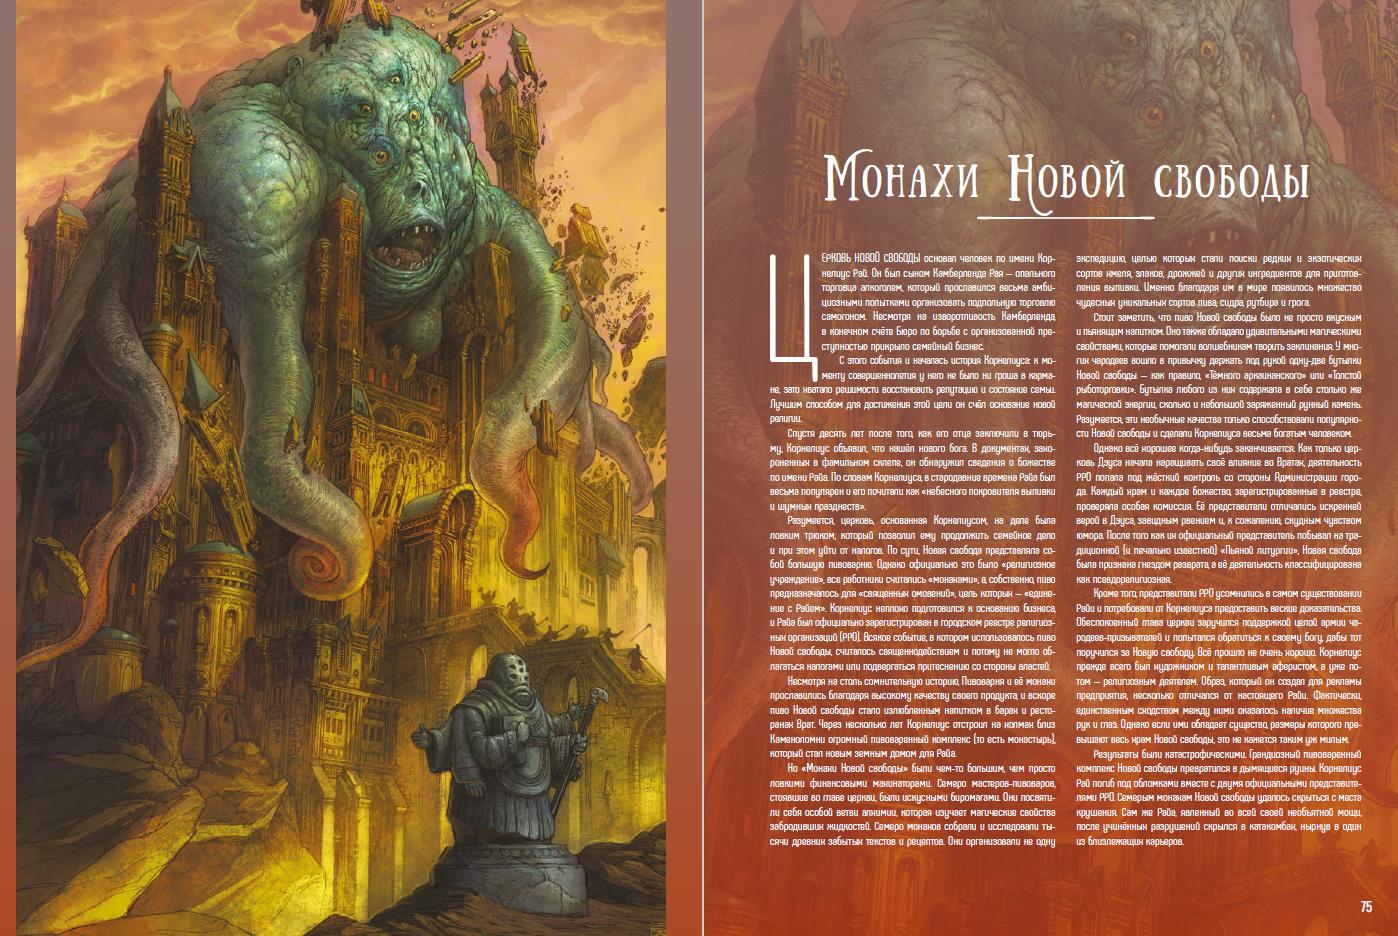 «Город Врат»: отменный иллюстрированный путеводитель для поклонников сюрреалистичного фэнтези 11